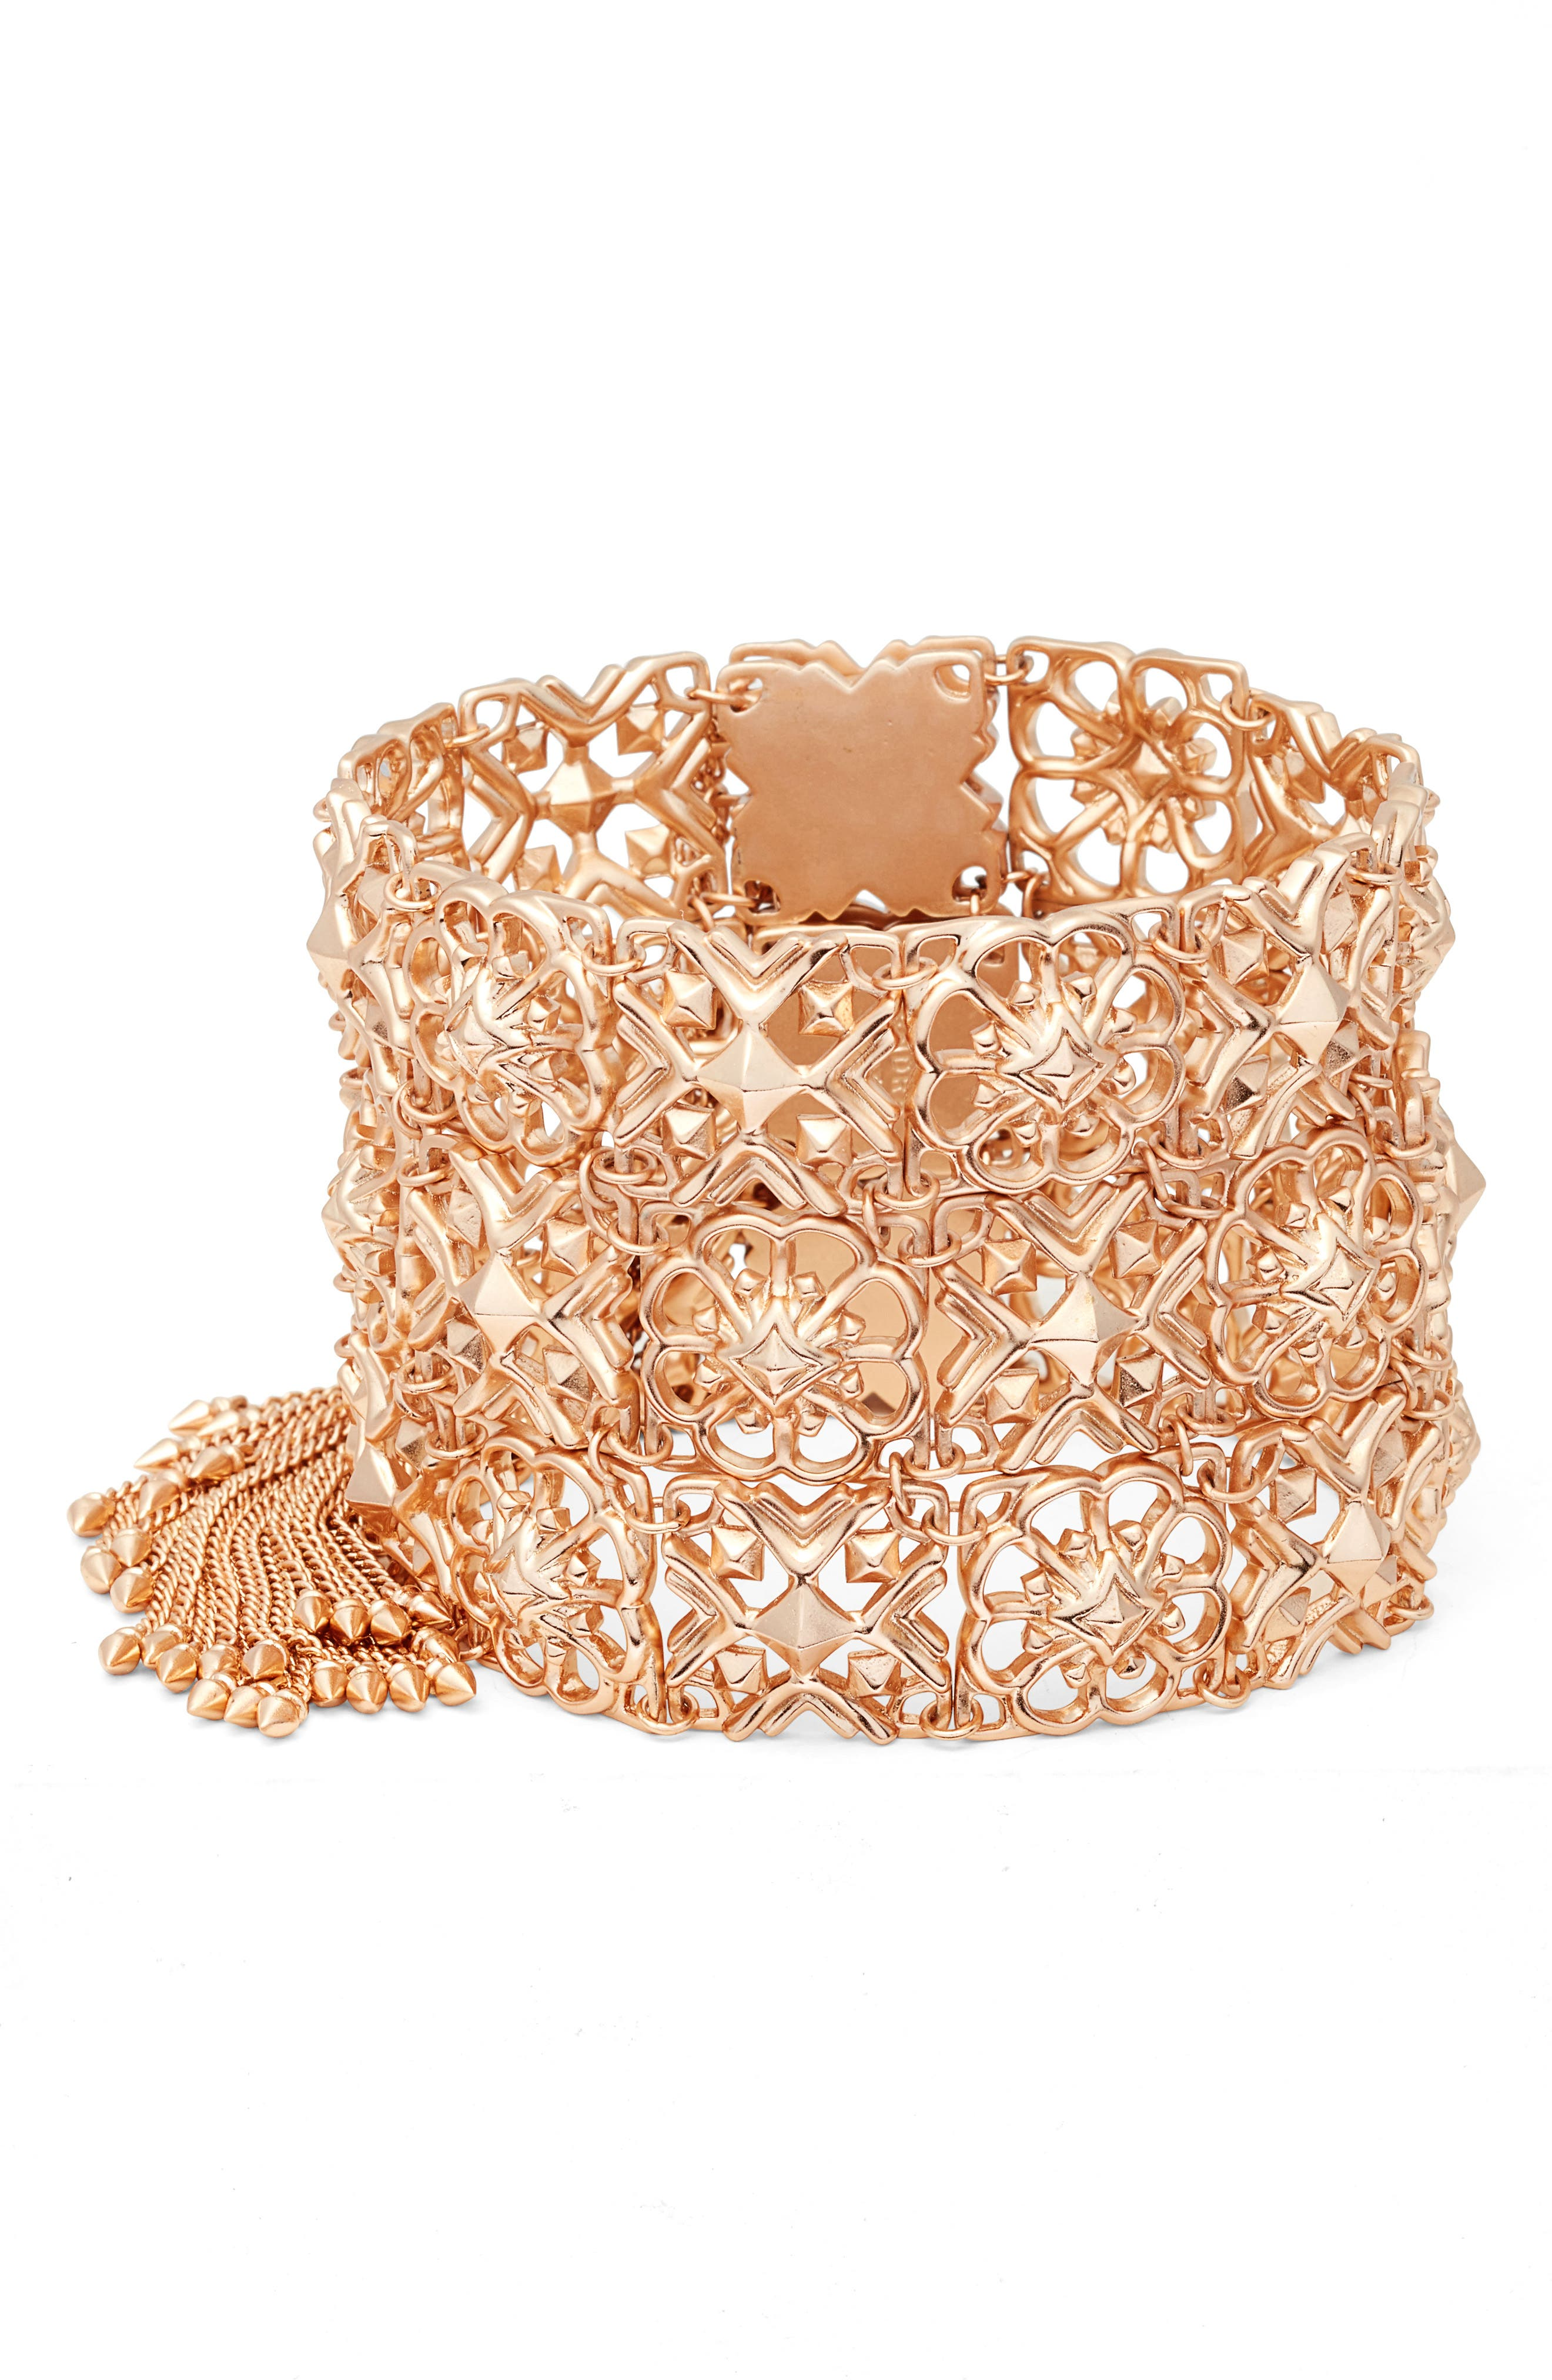 Kendra Scott Iris Wide Bracelet